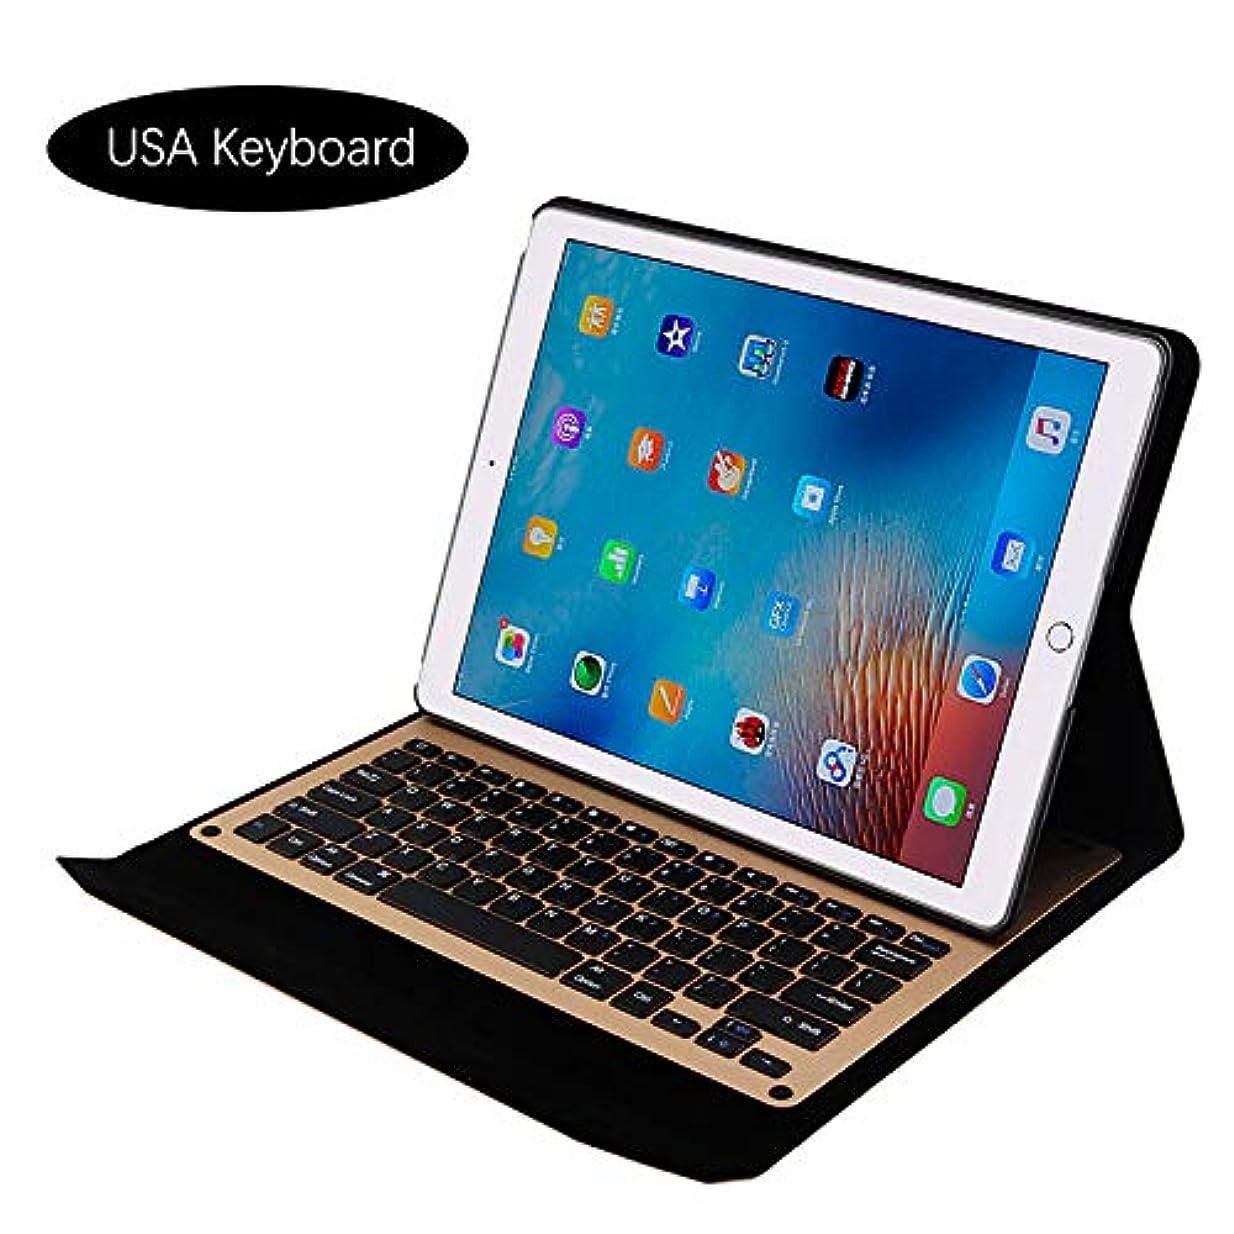 老朽化した安定しましたオーバーヘッドiPad Pro 12.9 inch 2015 2017 電話 シェル 保護 設計 シェル Phoebe Backcase 強い シェル Phoebe スリム 轻 シェル カバー の iPad Pro 12.9 inch 2015 2017 (Golden)